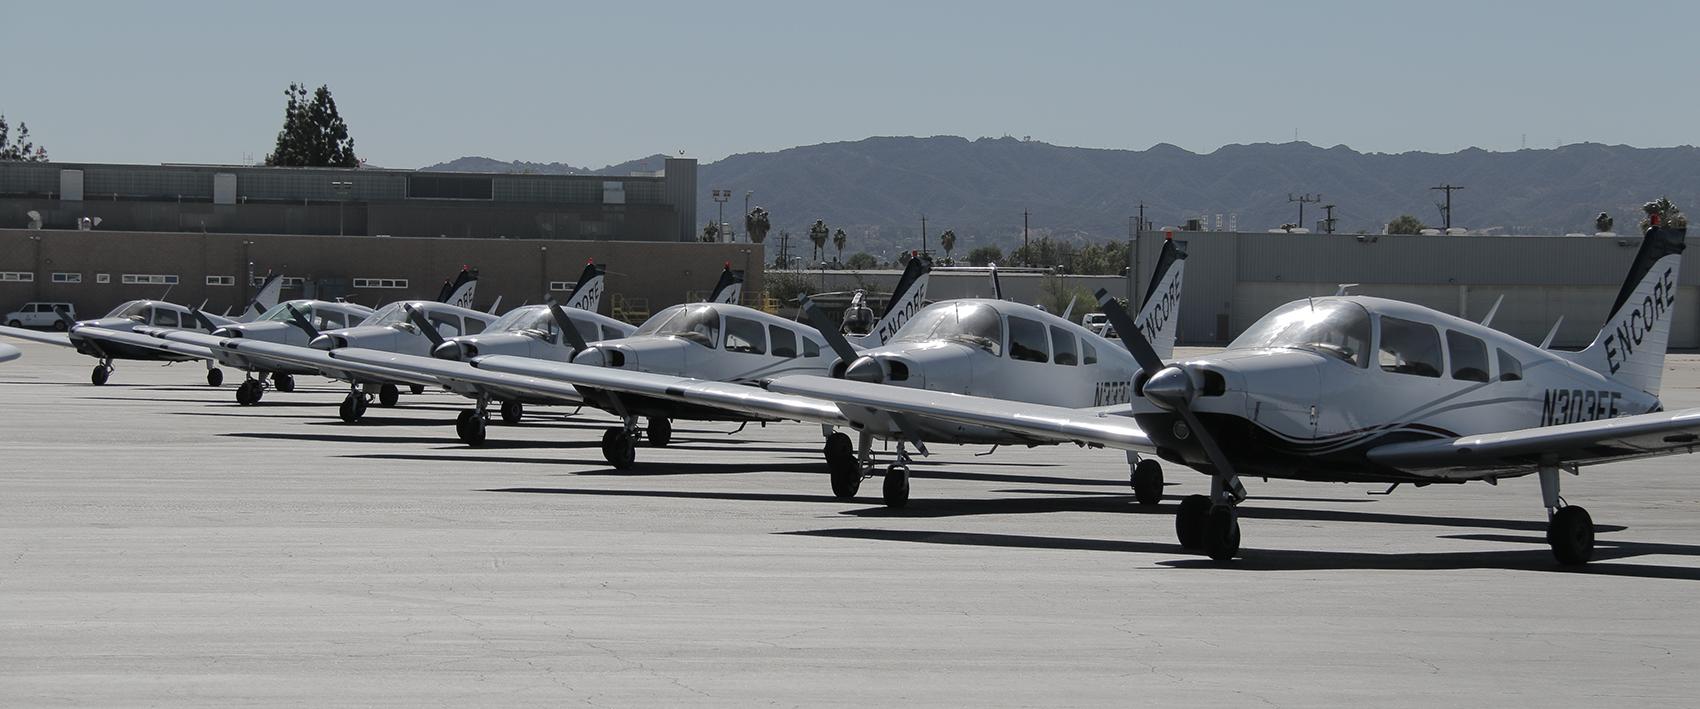 Flight School Van Nuys Airport Los Angeles